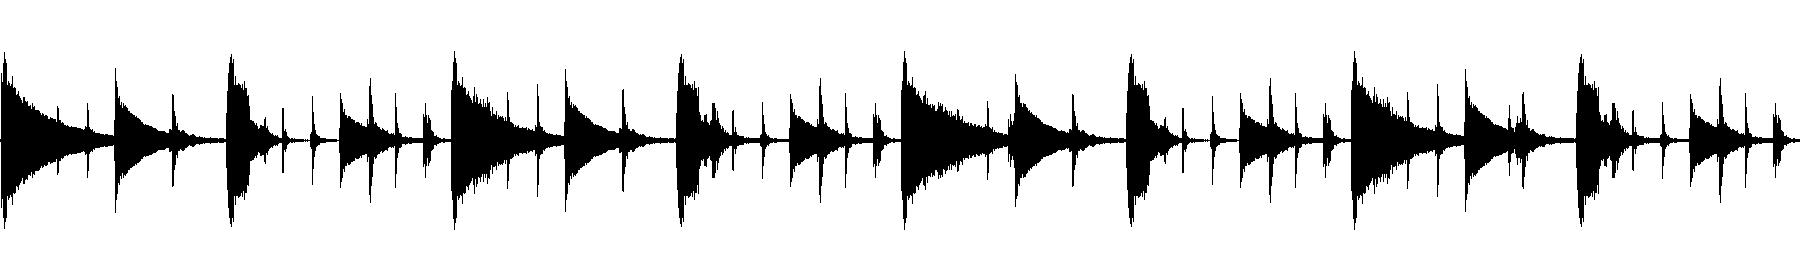 178176 tabla loop shuffle 4 bars 105 bpm